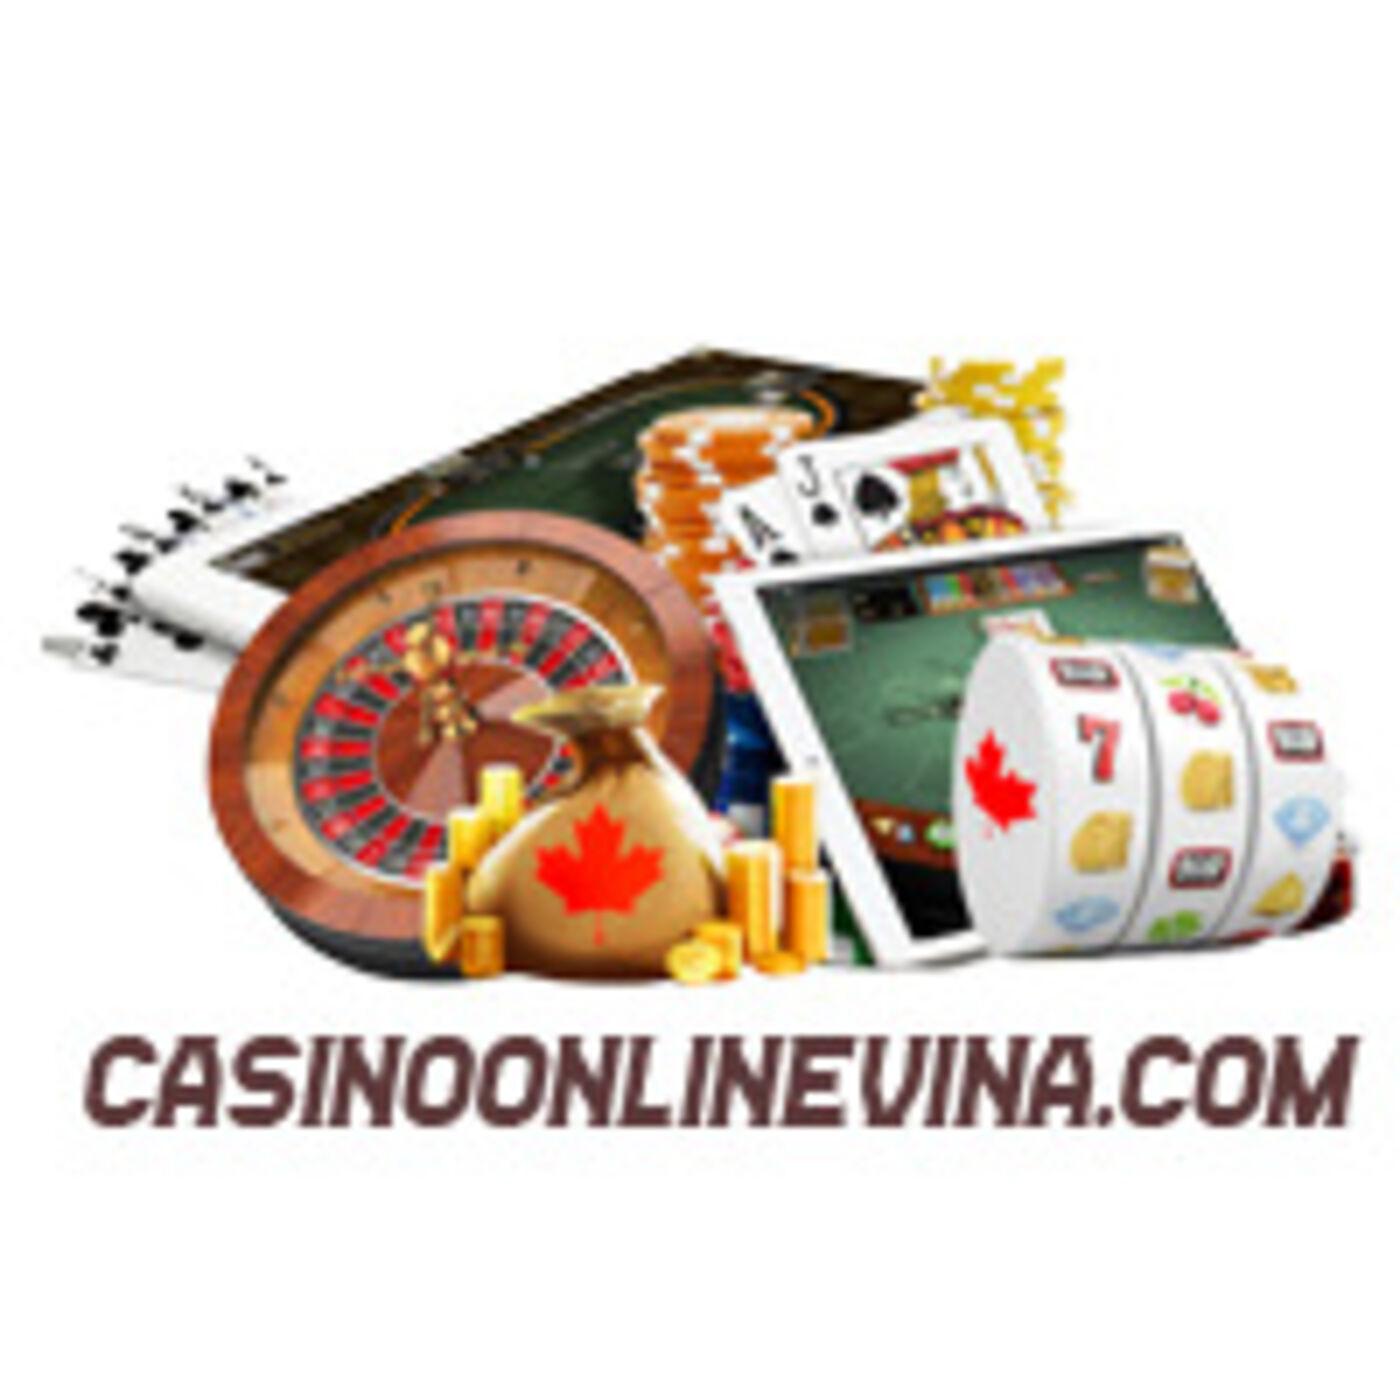 Top Casino Online hang dau Viet Nam 2021